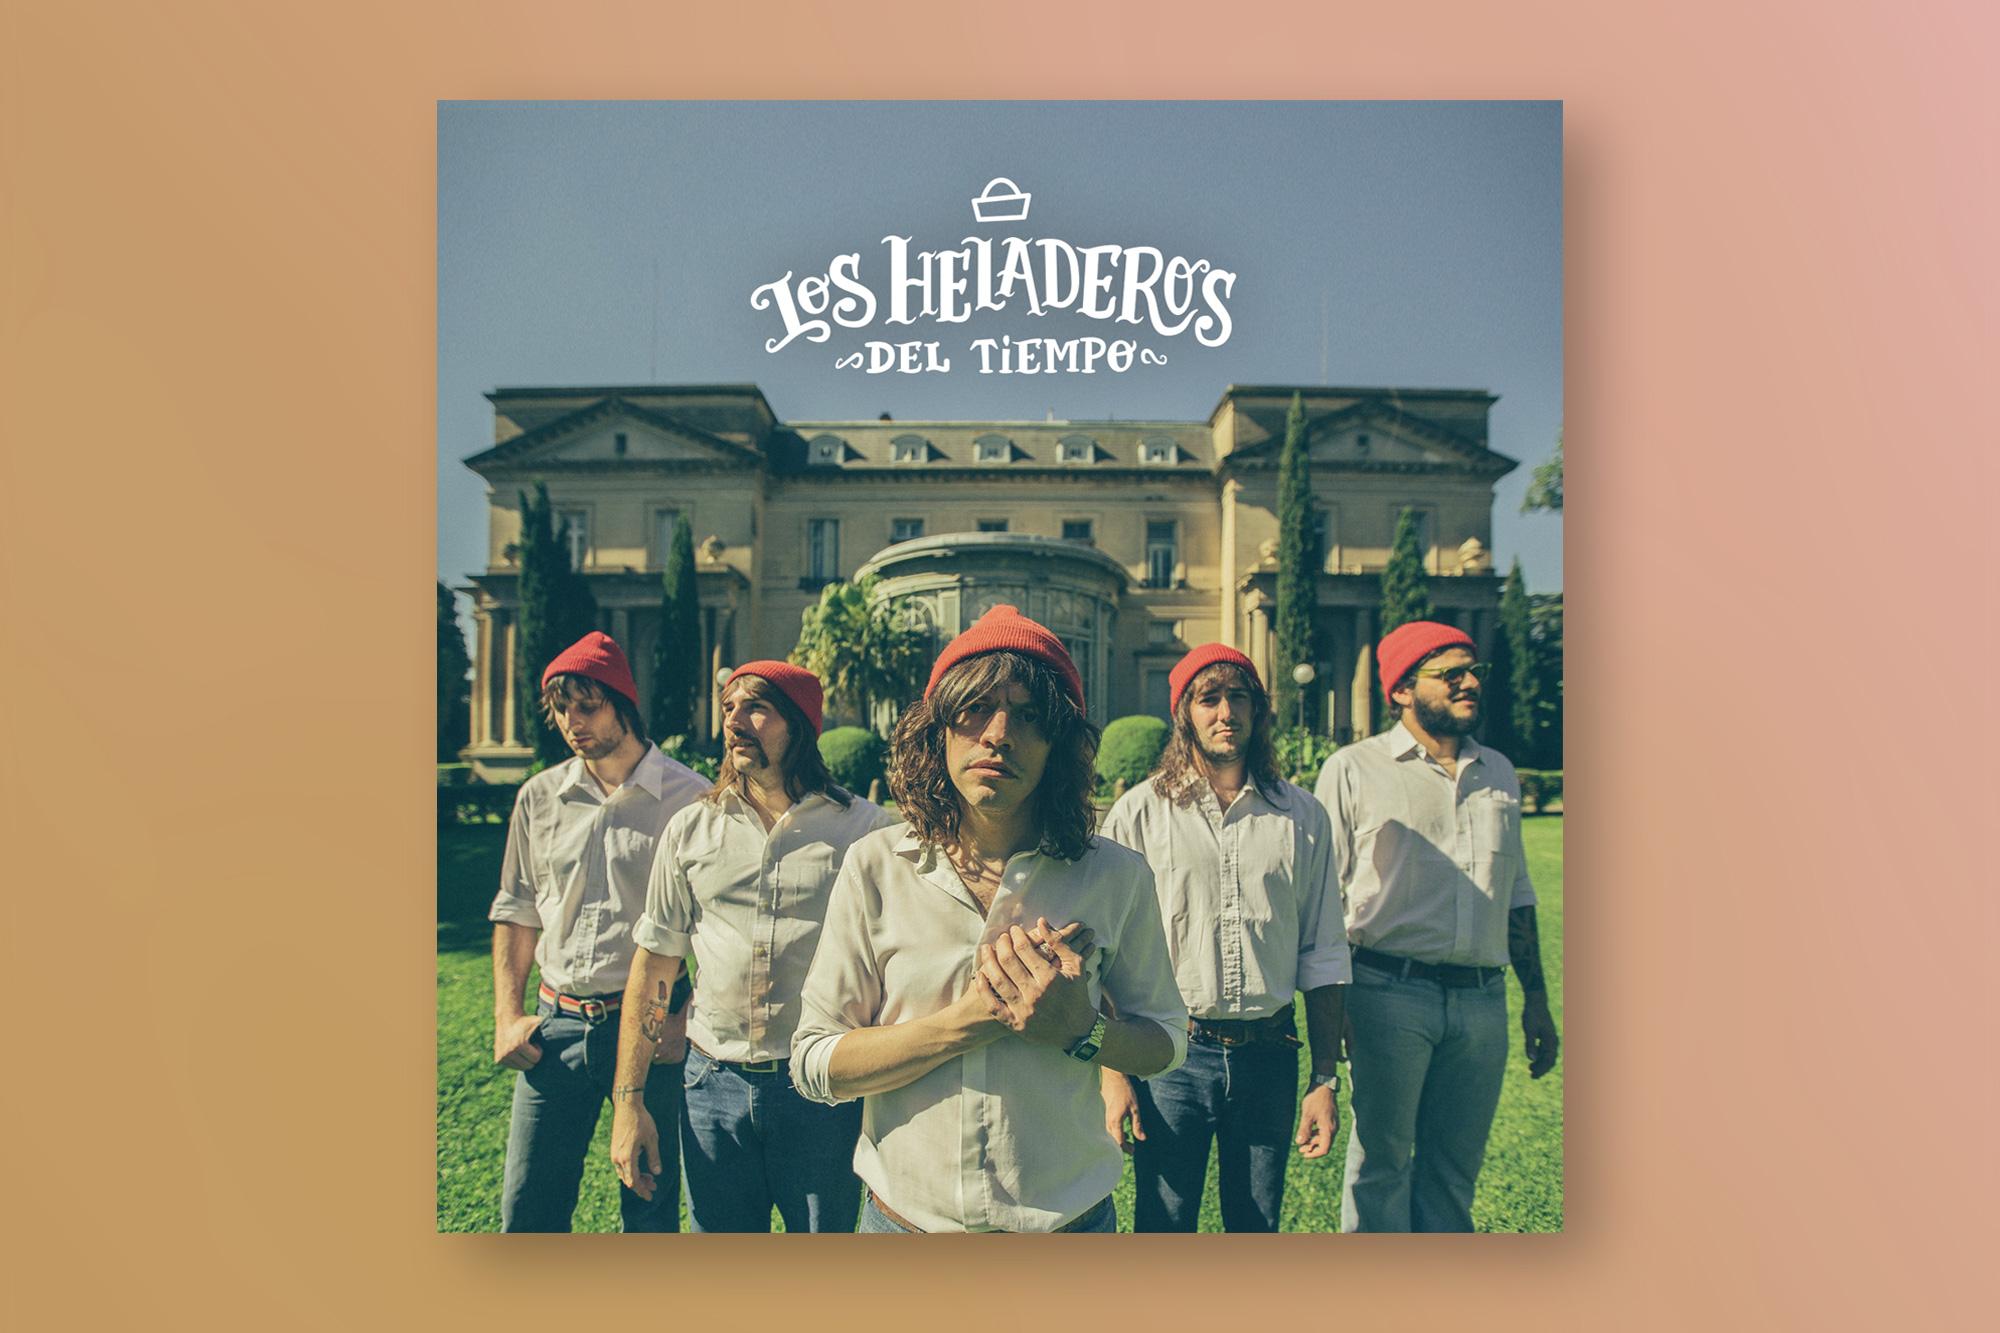 LOS-HELADEROS-DEL-TIEMPO-EP-2015-FRONT